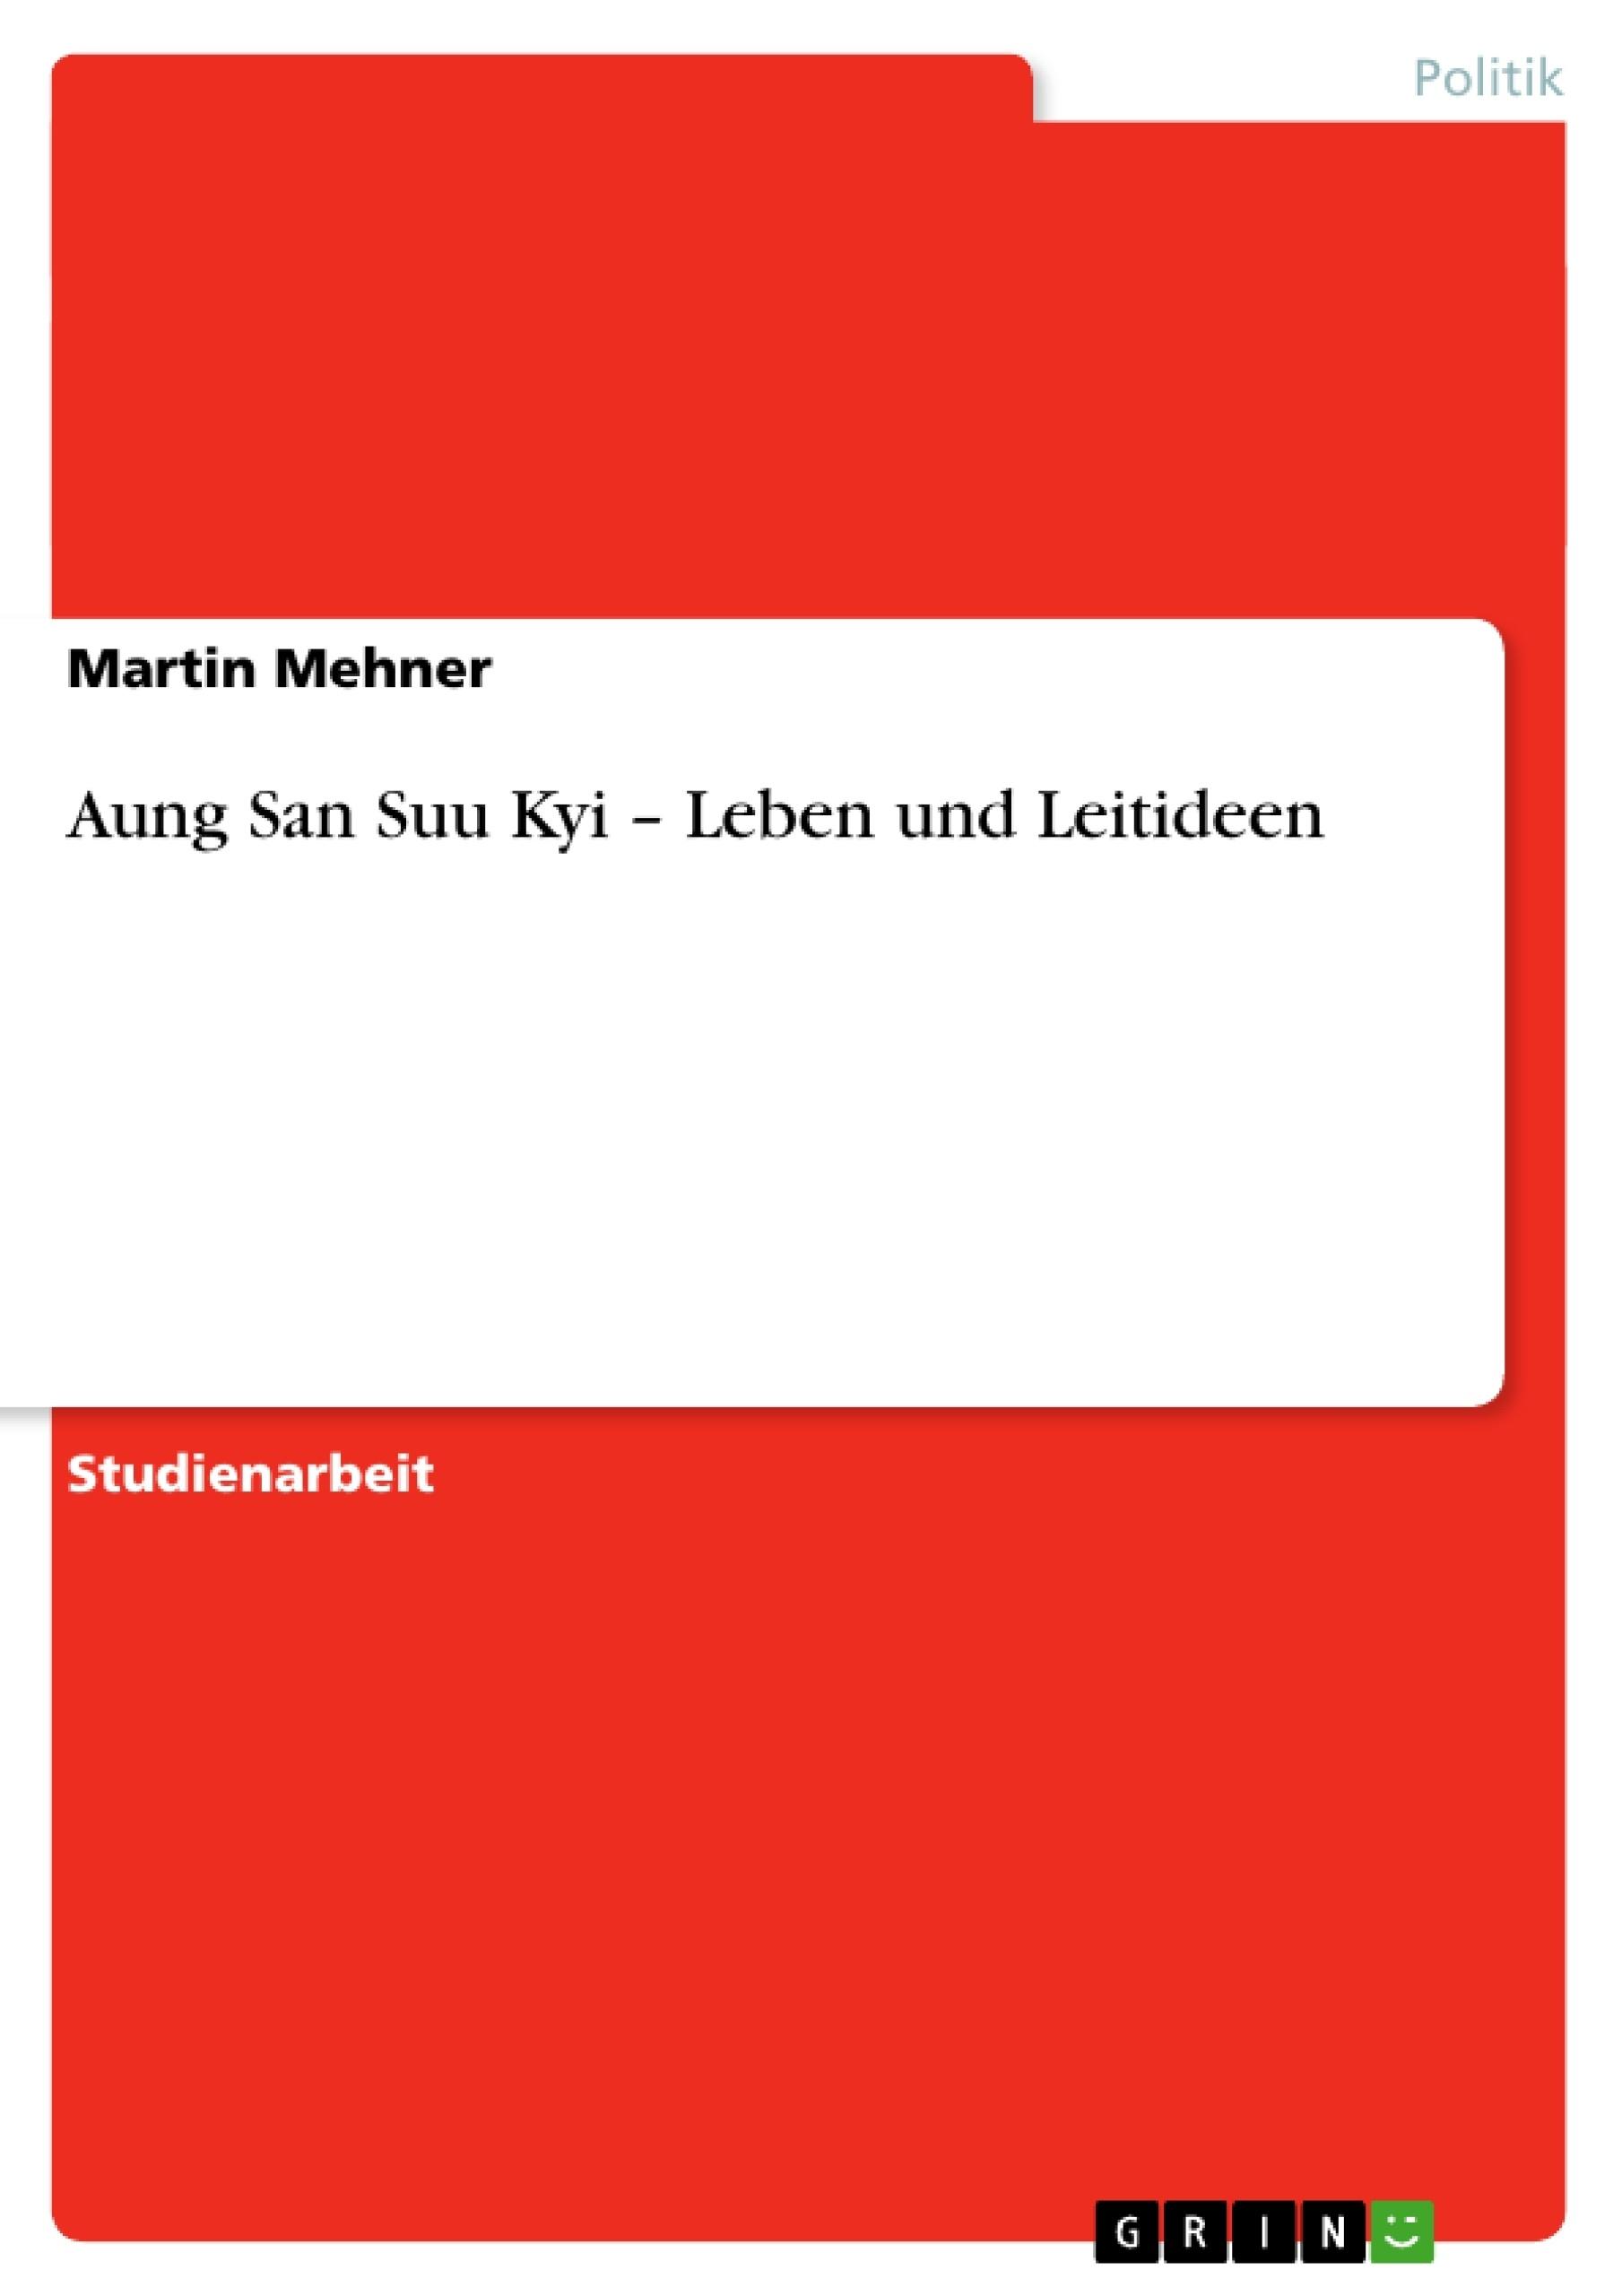 Titel: Aung San Suu Kyi – Leben und Leitideen